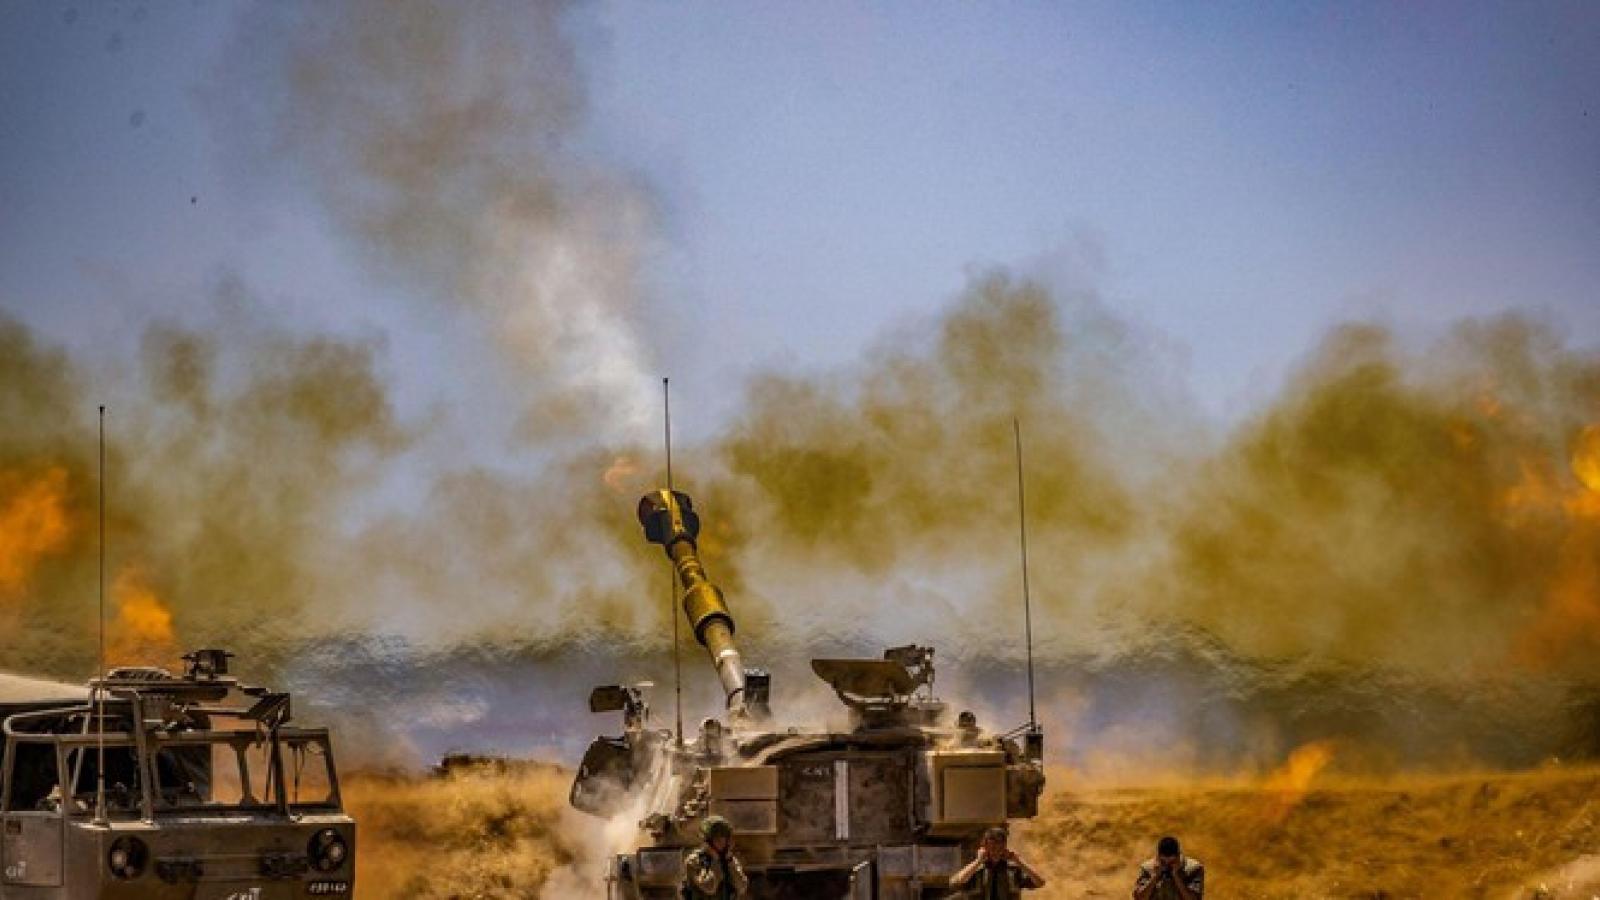 """Chiến thuật """"cắt cỏ"""" của Israel có khiến Hamas e ngại?"""